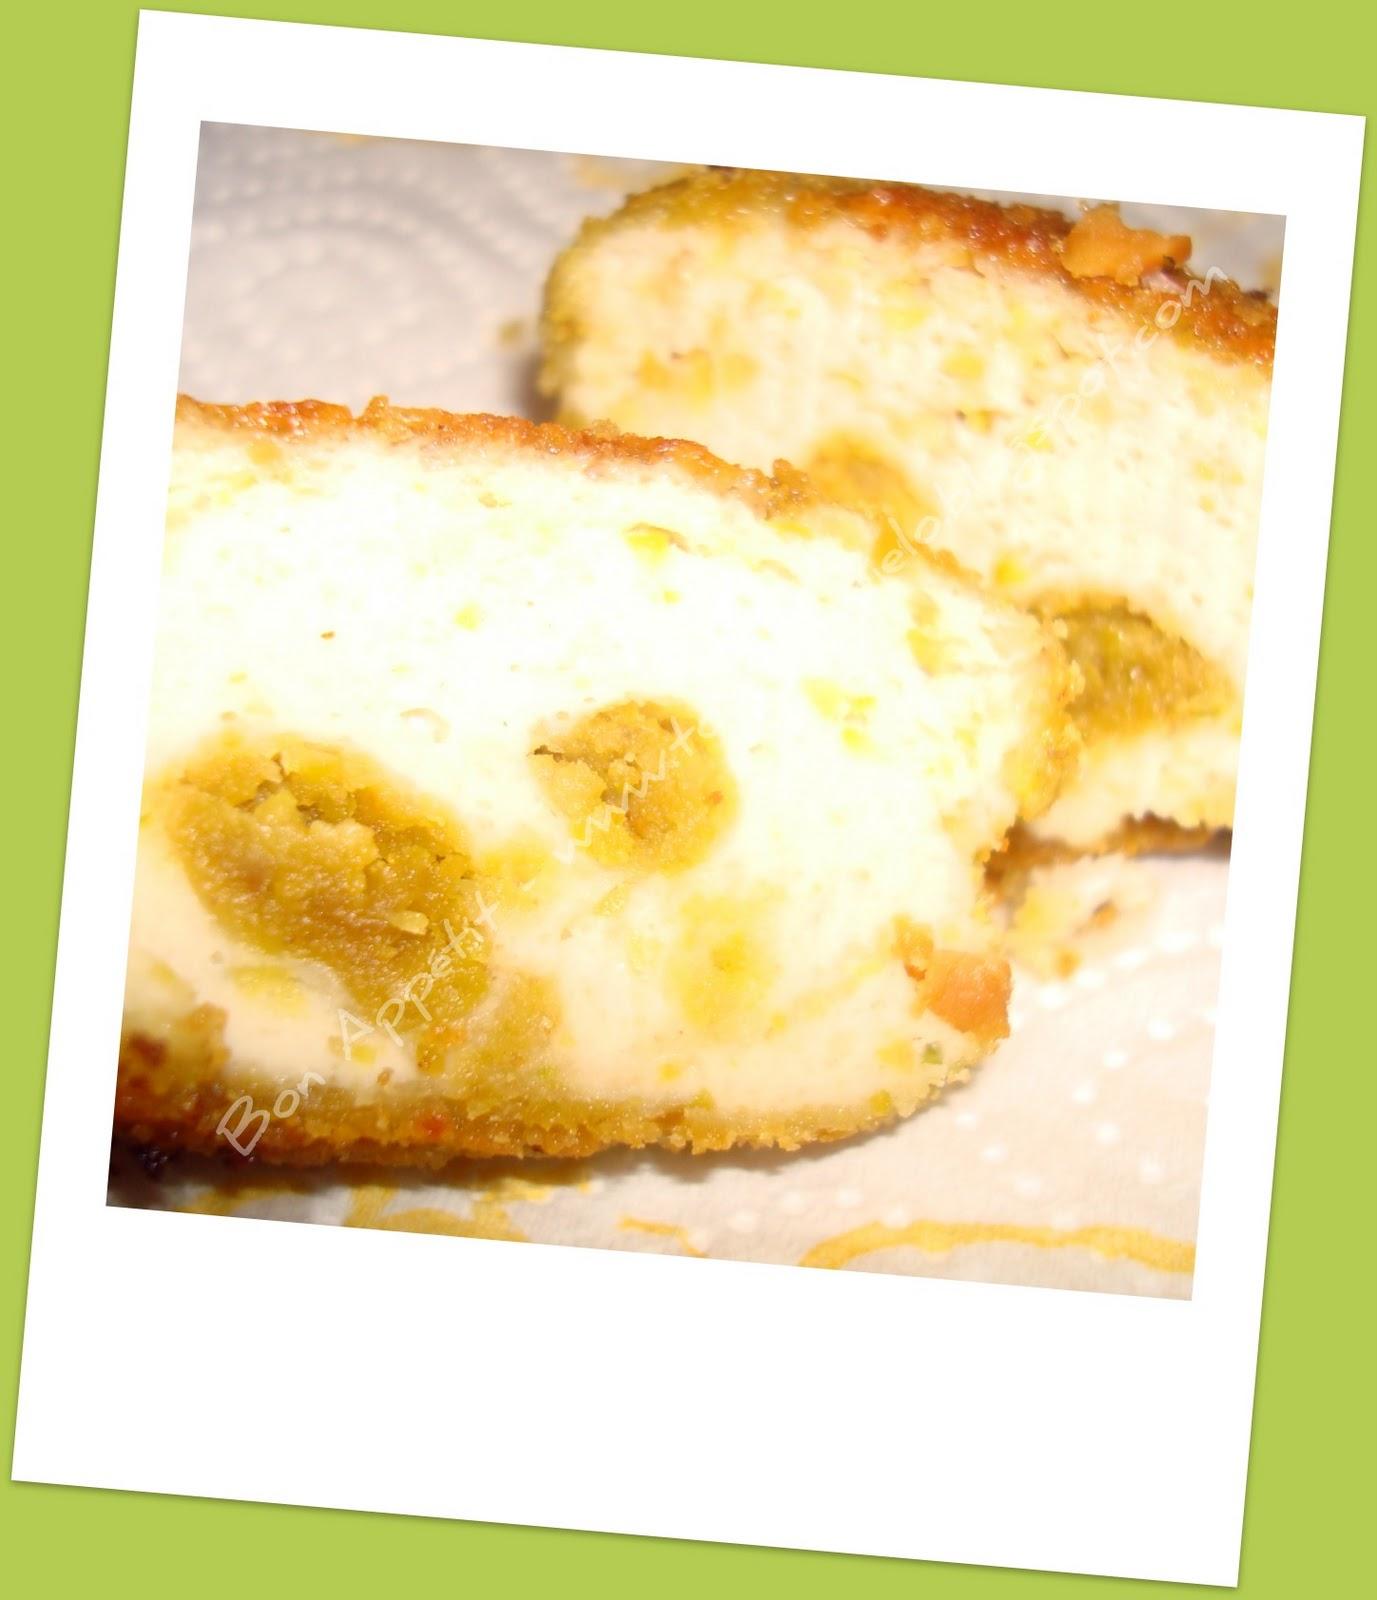 bon appetit nuggets de poulet la pistache et au bleu danois nuggets de pollo con pistacho y. Black Bedroom Furniture Sets. Home Design Ideas